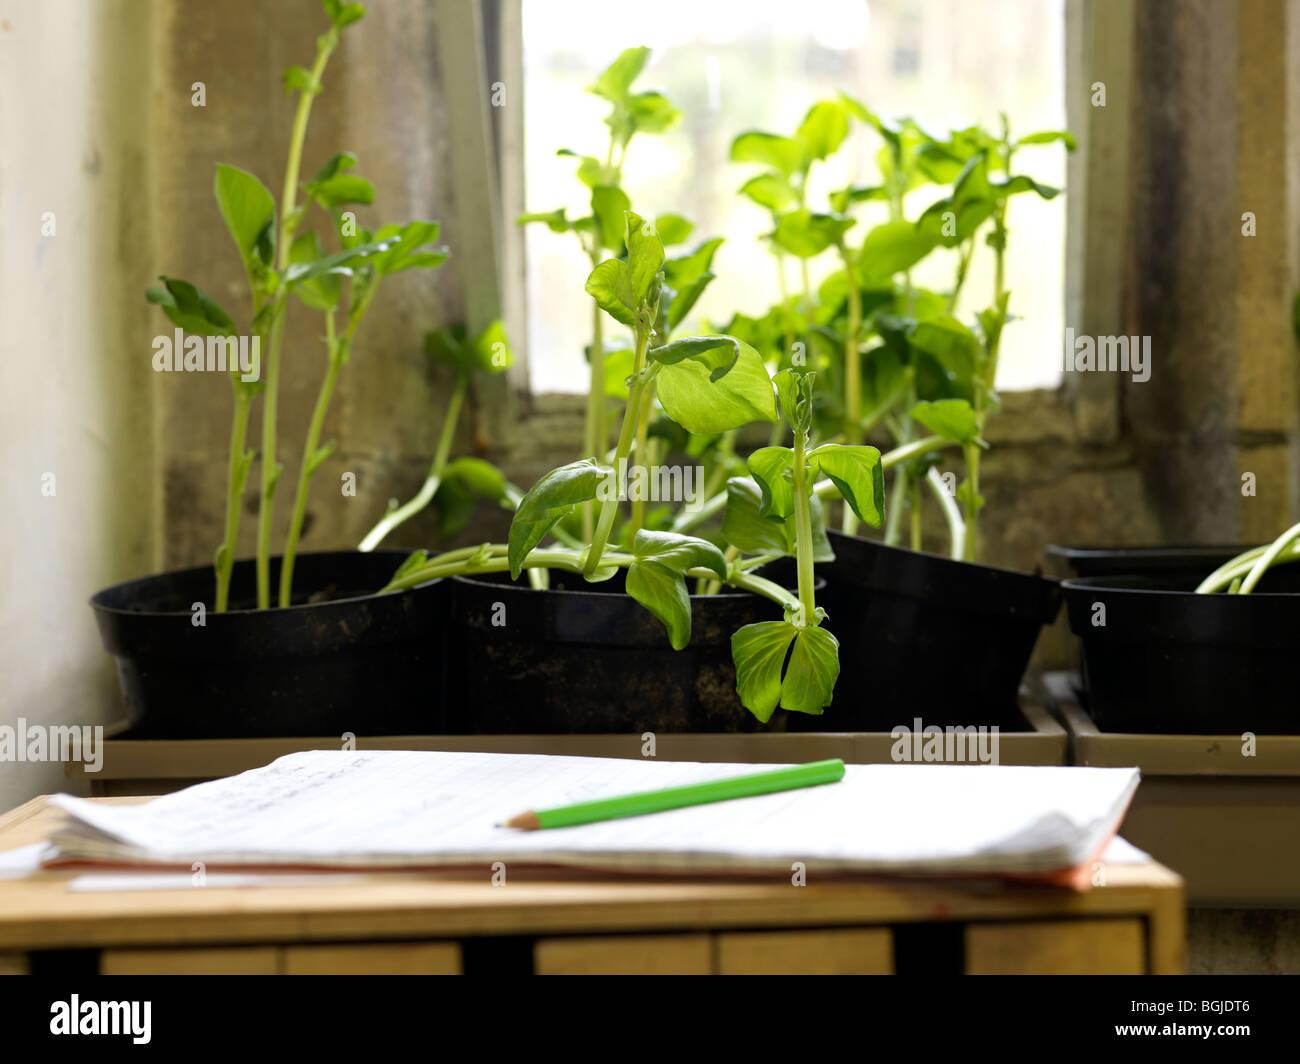 Piante che crescono nella finestra in aula Immagini Stock